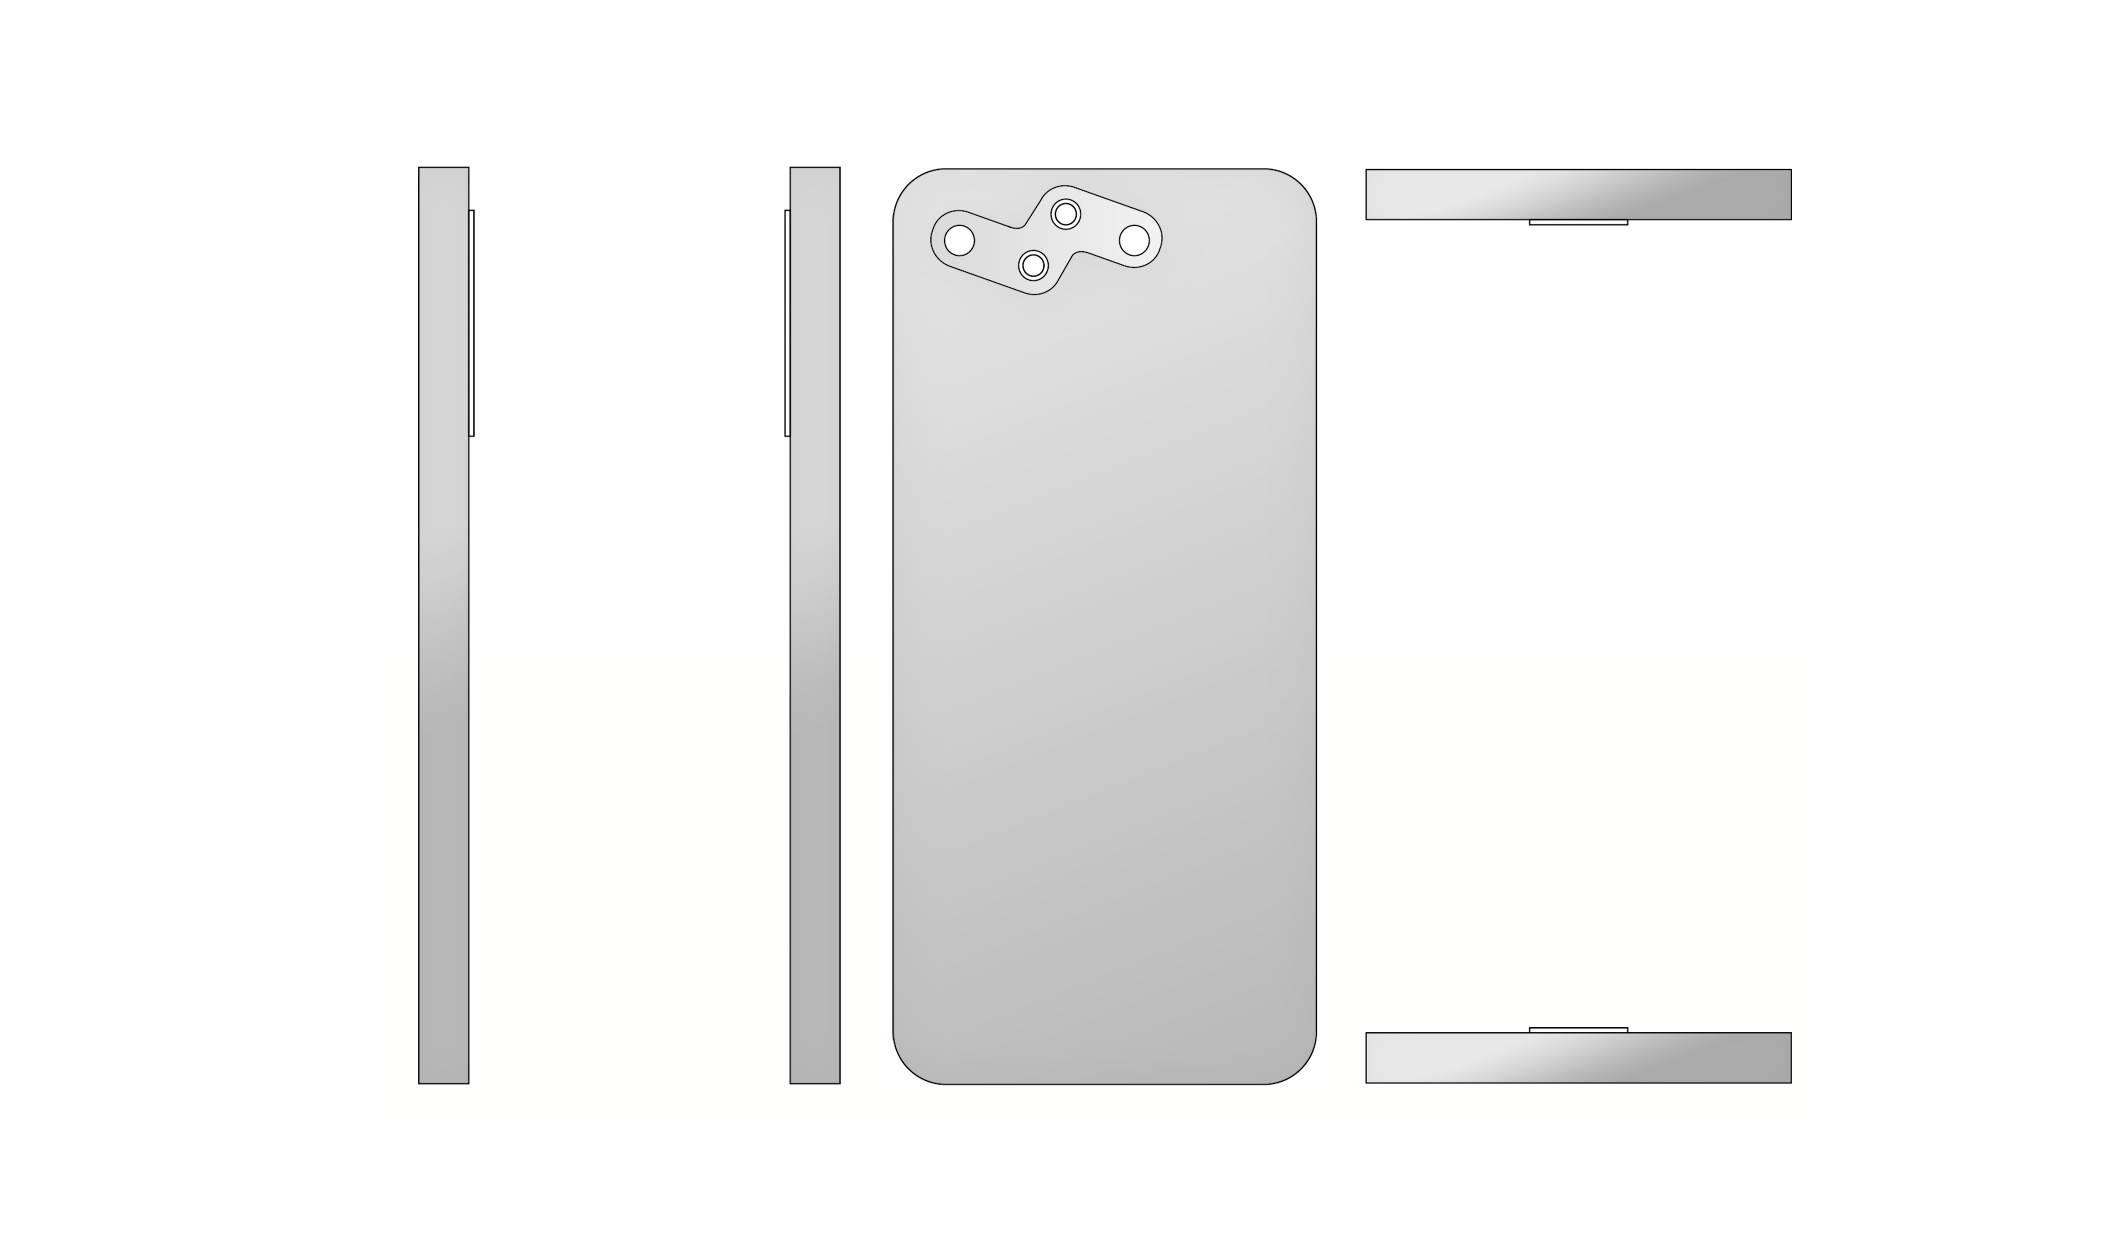 原创             小米手机新专利曝光:正面屏下摄像+后置雷电状摄像模组!